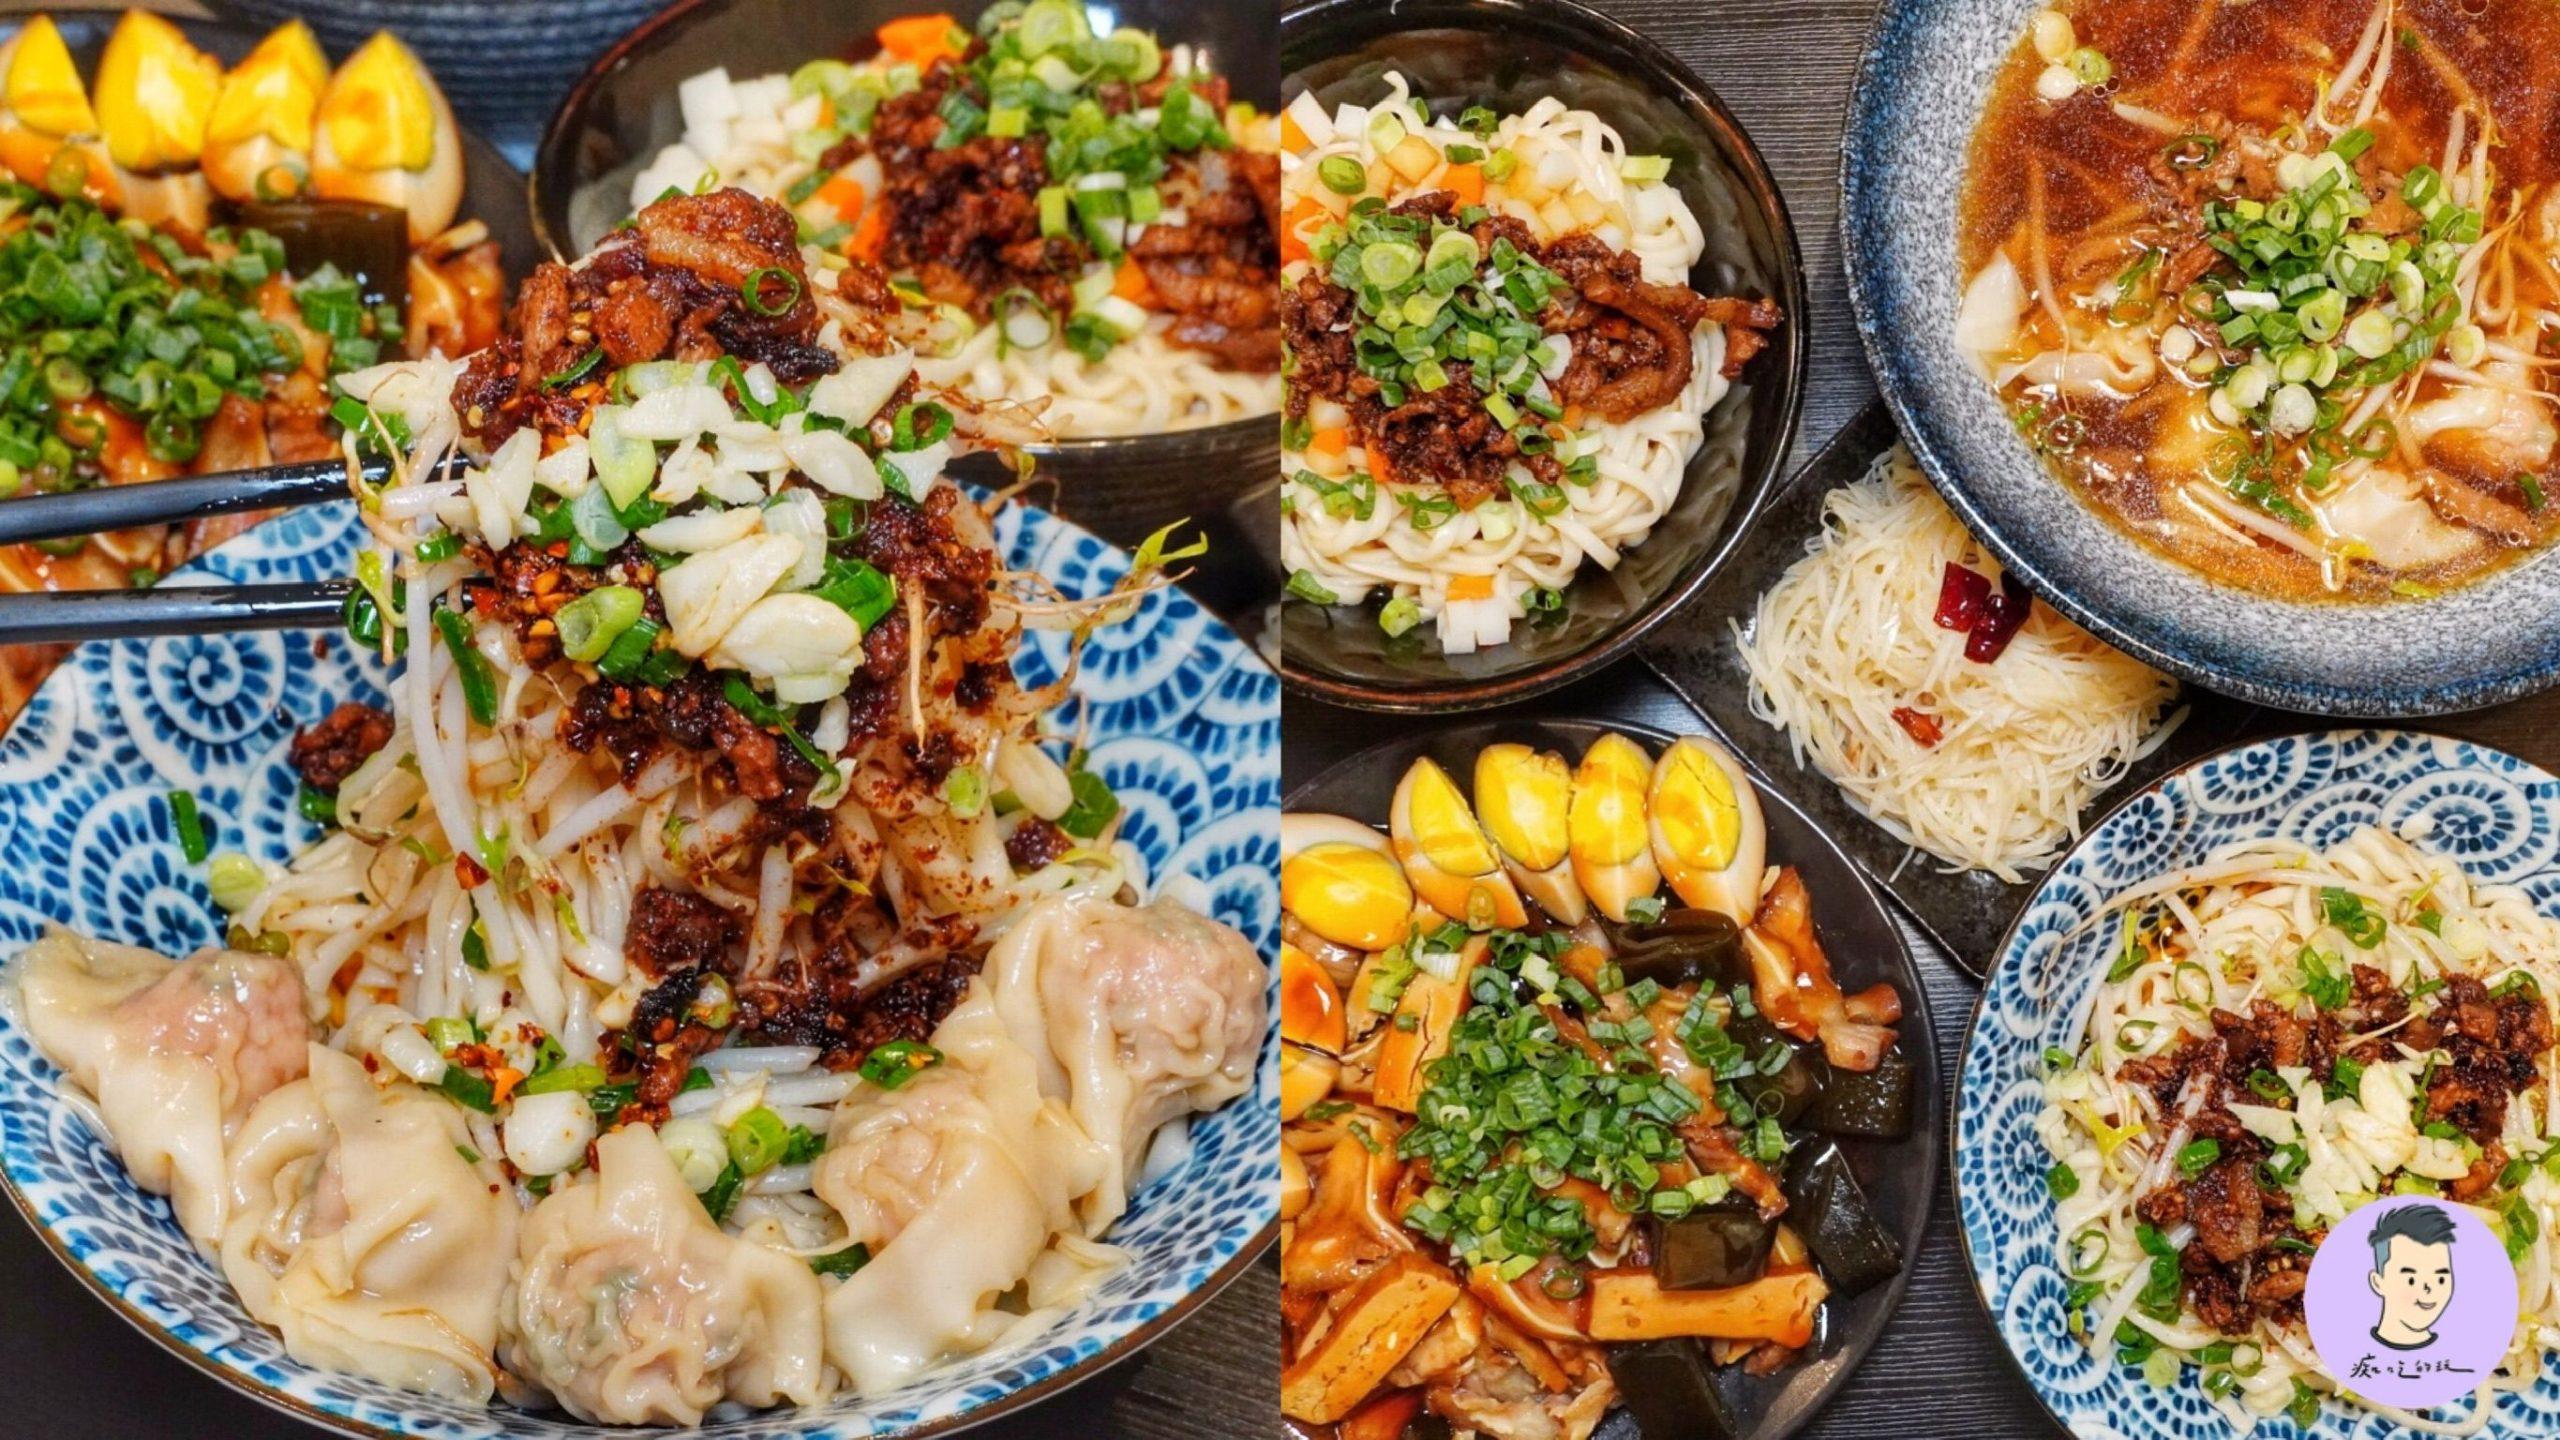 【高雄美食】旗山也有道地陝西風味麵店!大推油潑麵+酸辣土豆絲 用料實在平價美味 – 西安風味美食館|旗山美食